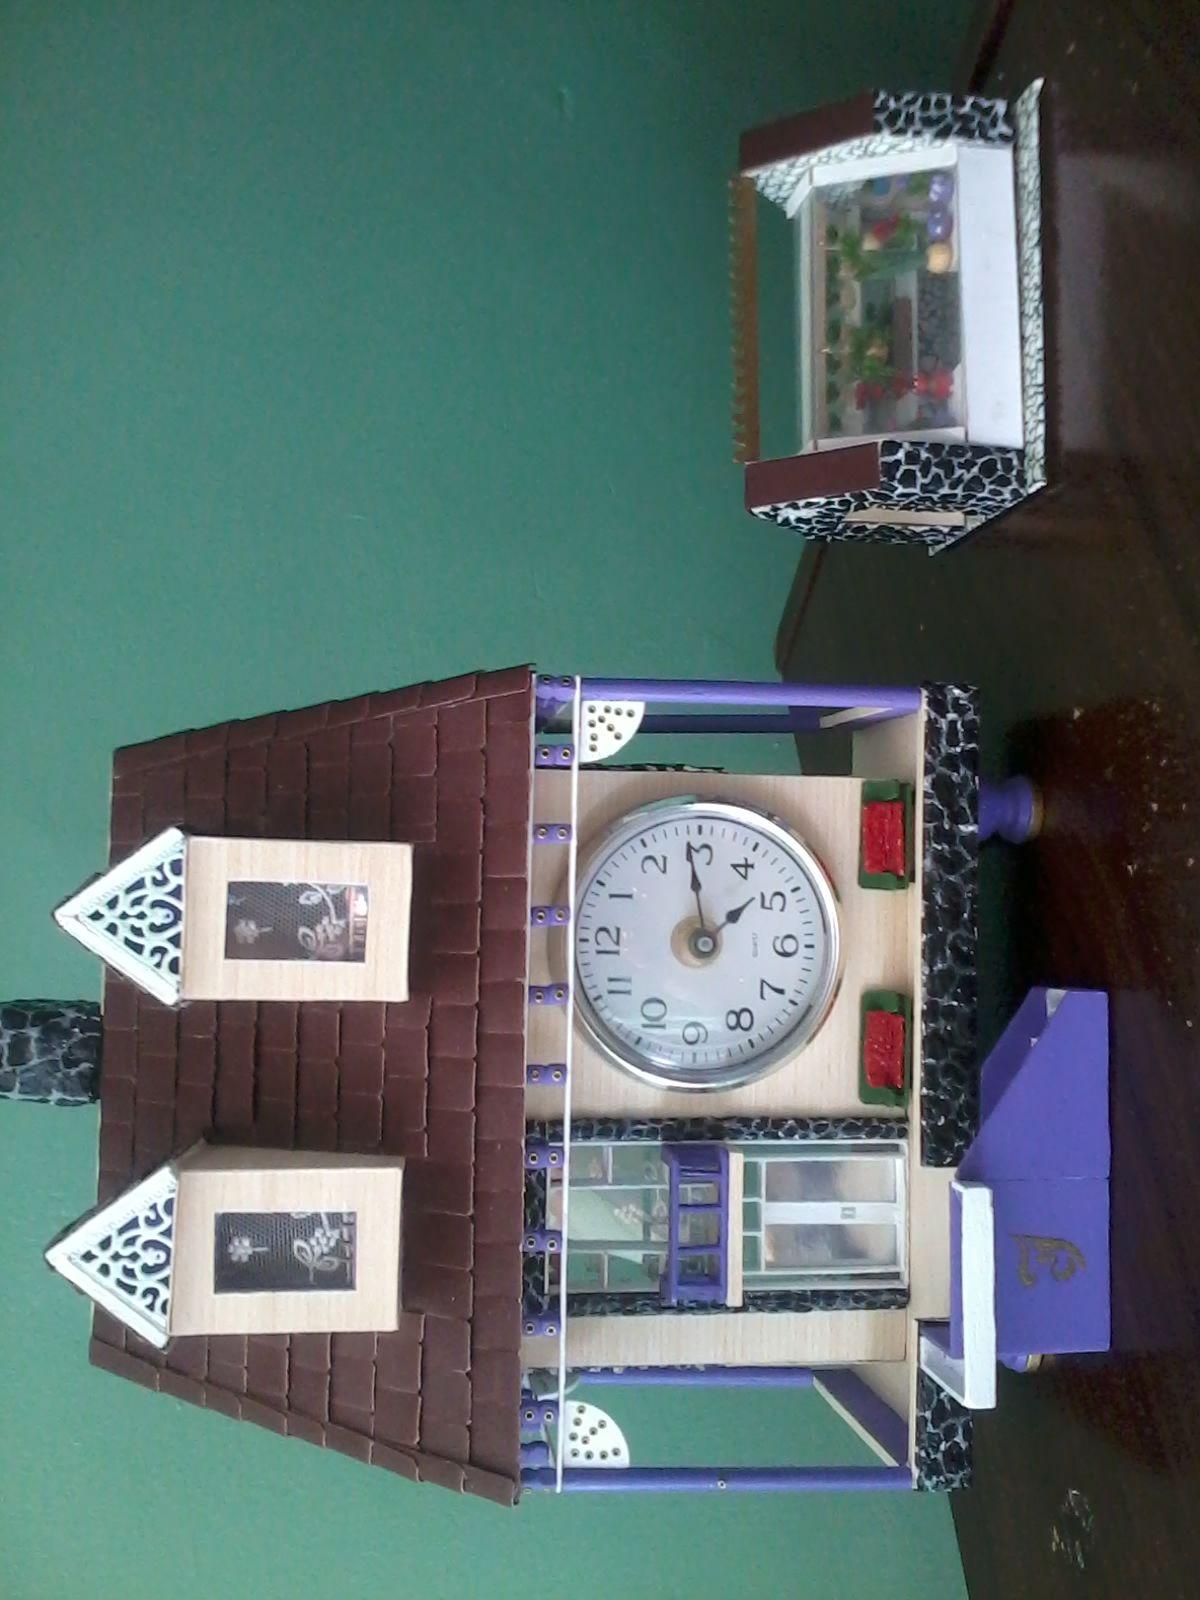 Reloj con Invernadero hecho con madera por mi mismo